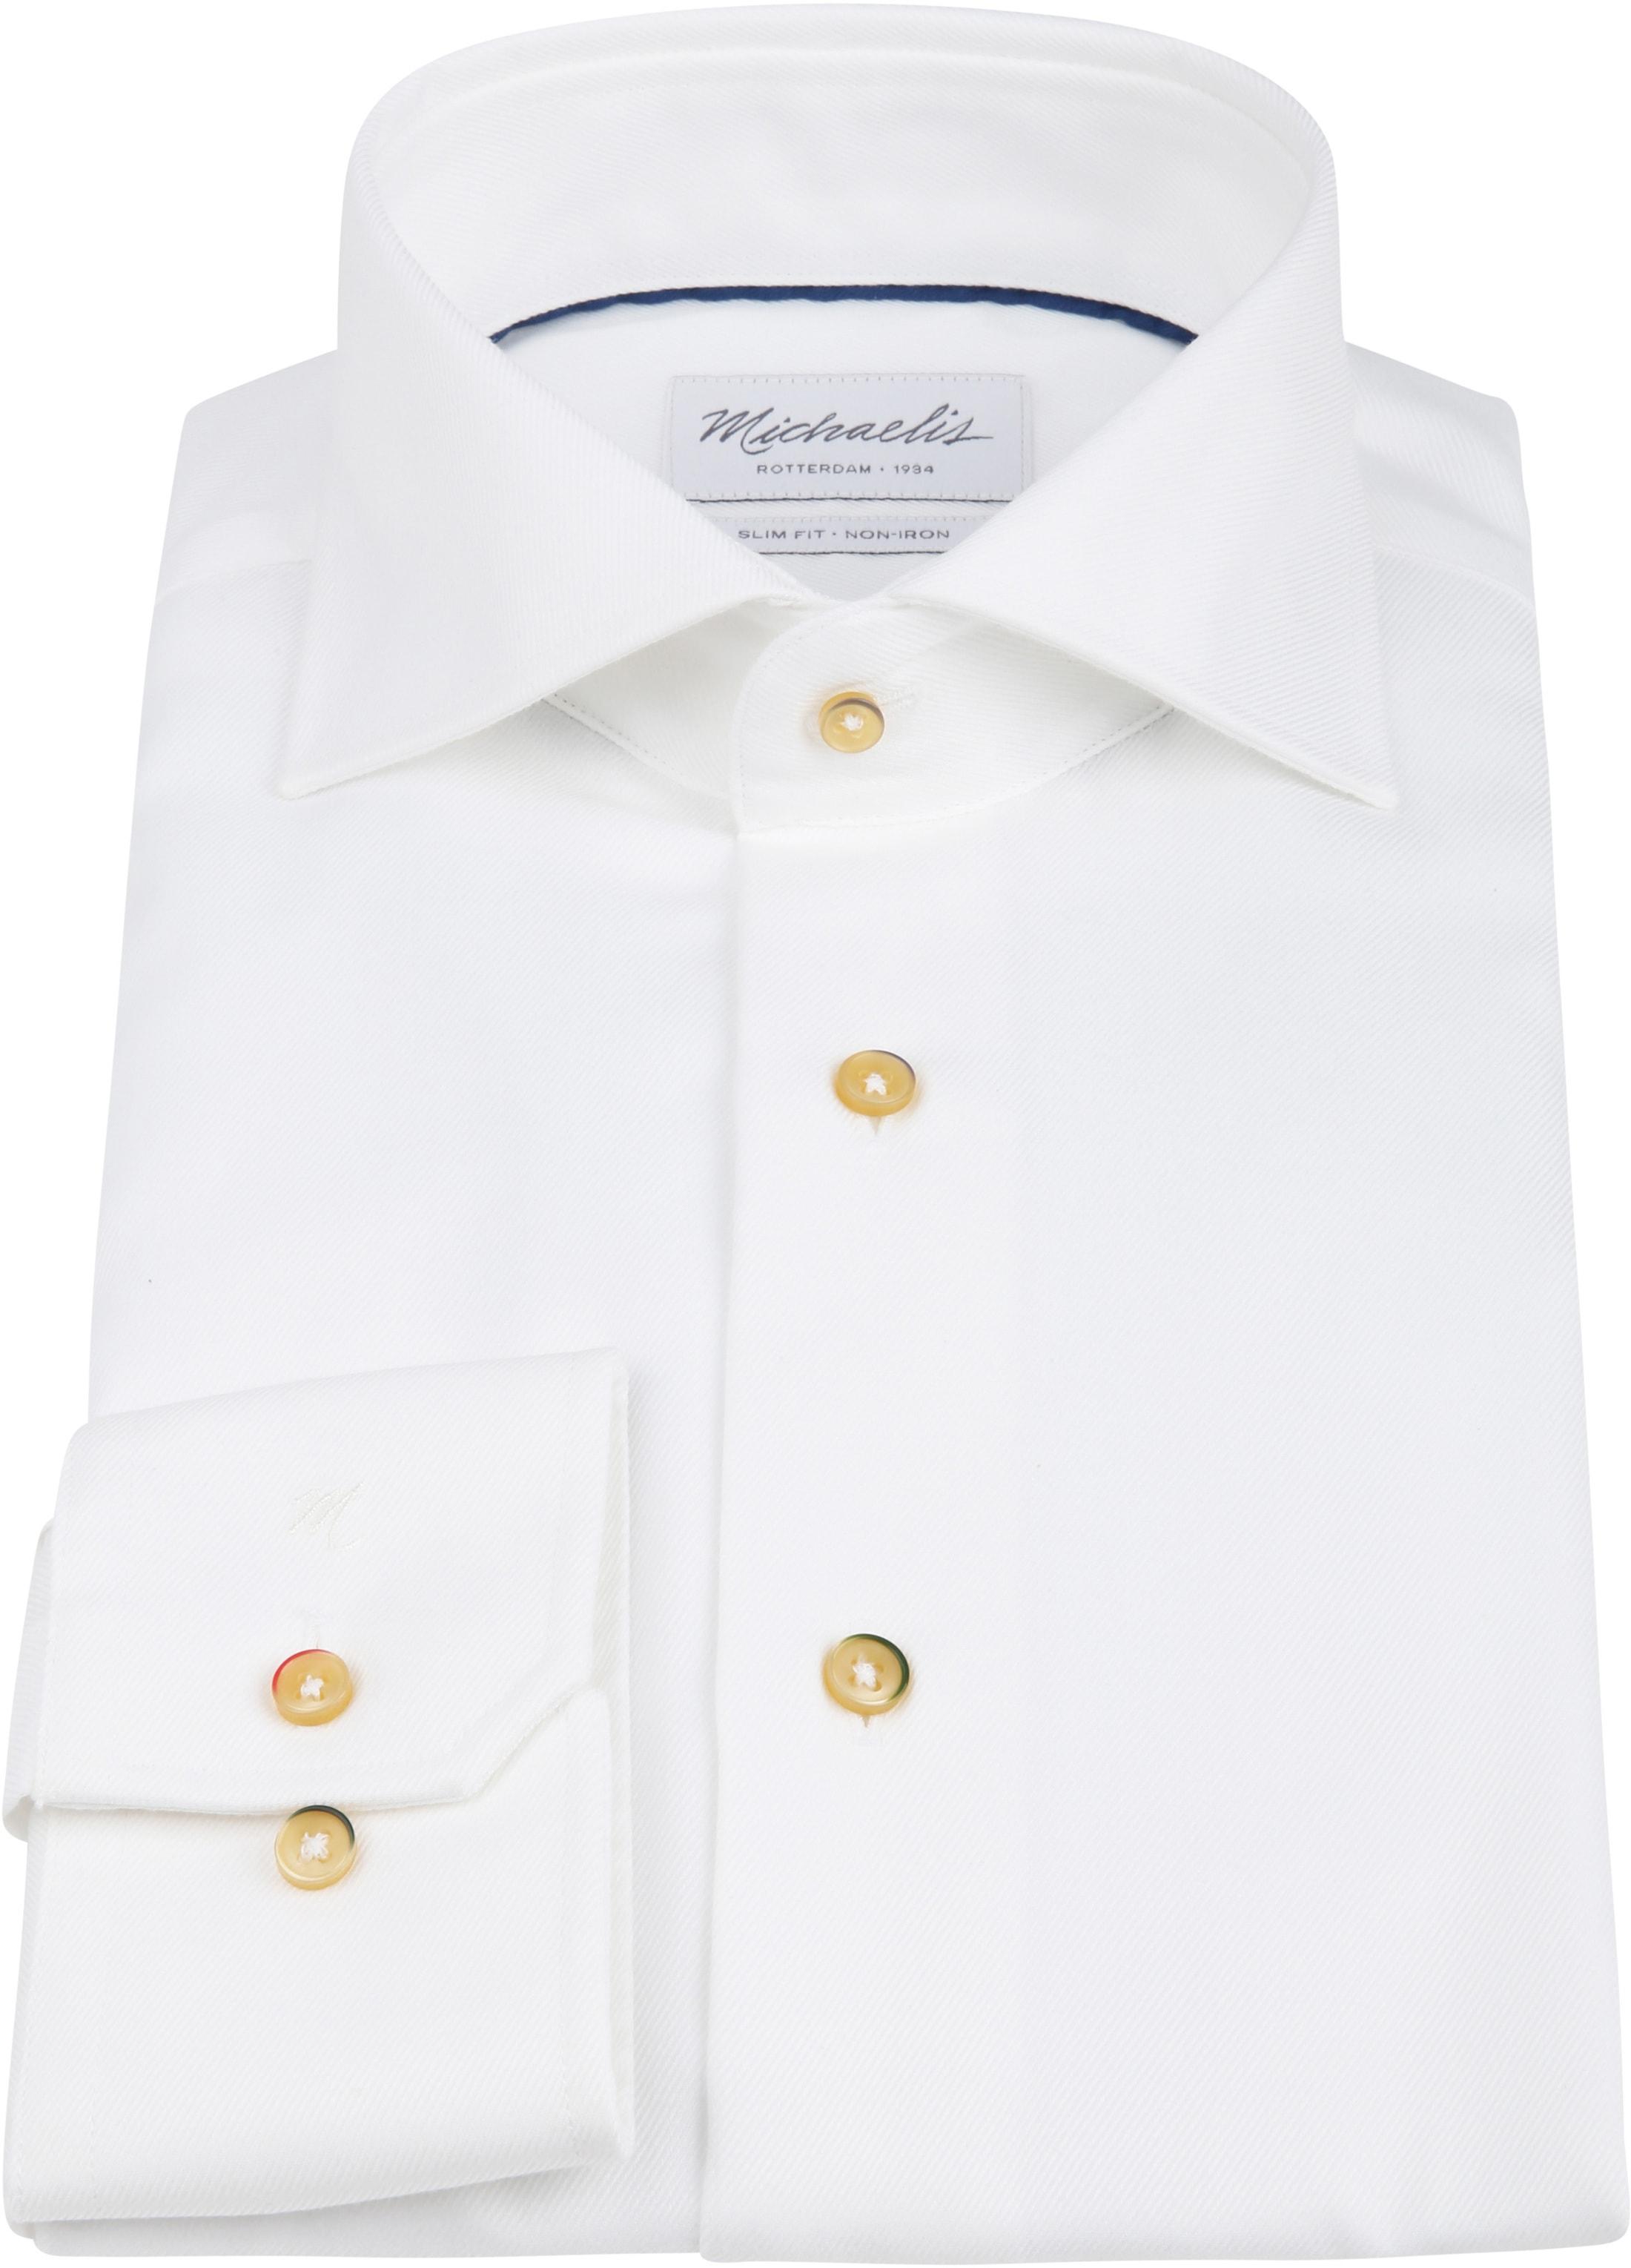 Michaelis Overhemd Strijkvrij Wit foto 2